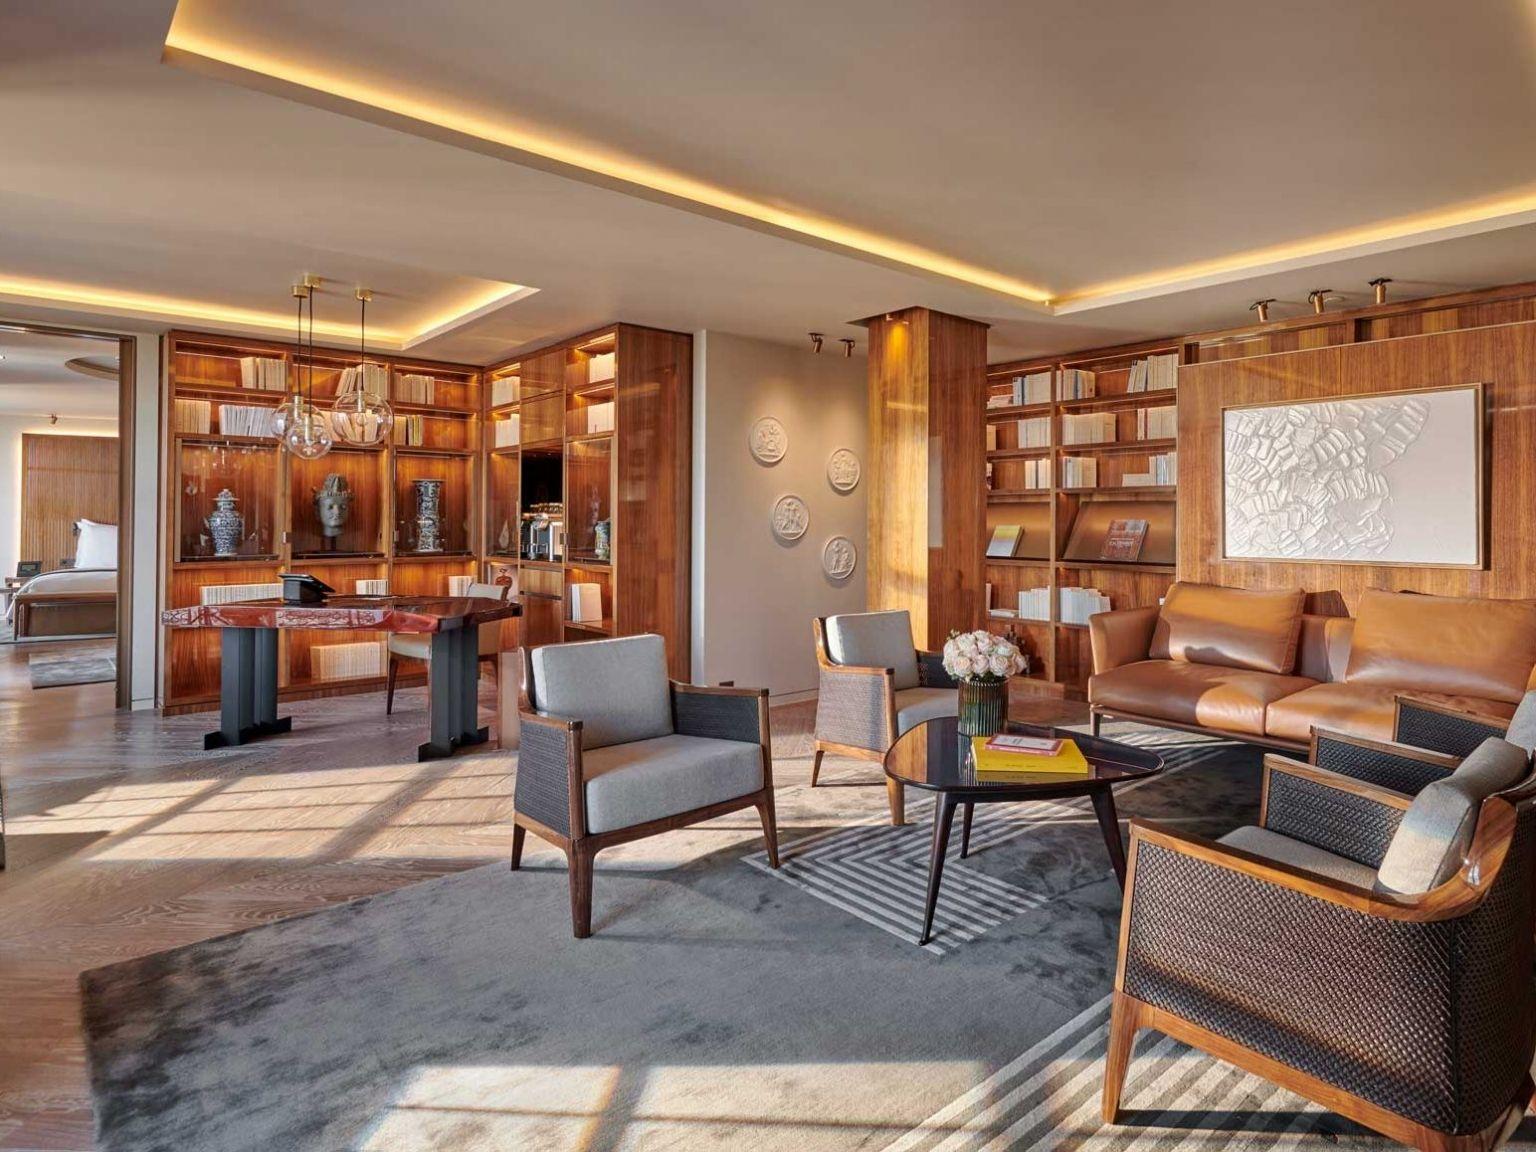 Hotel Lutetia Paris - Presidential Suite.jpg